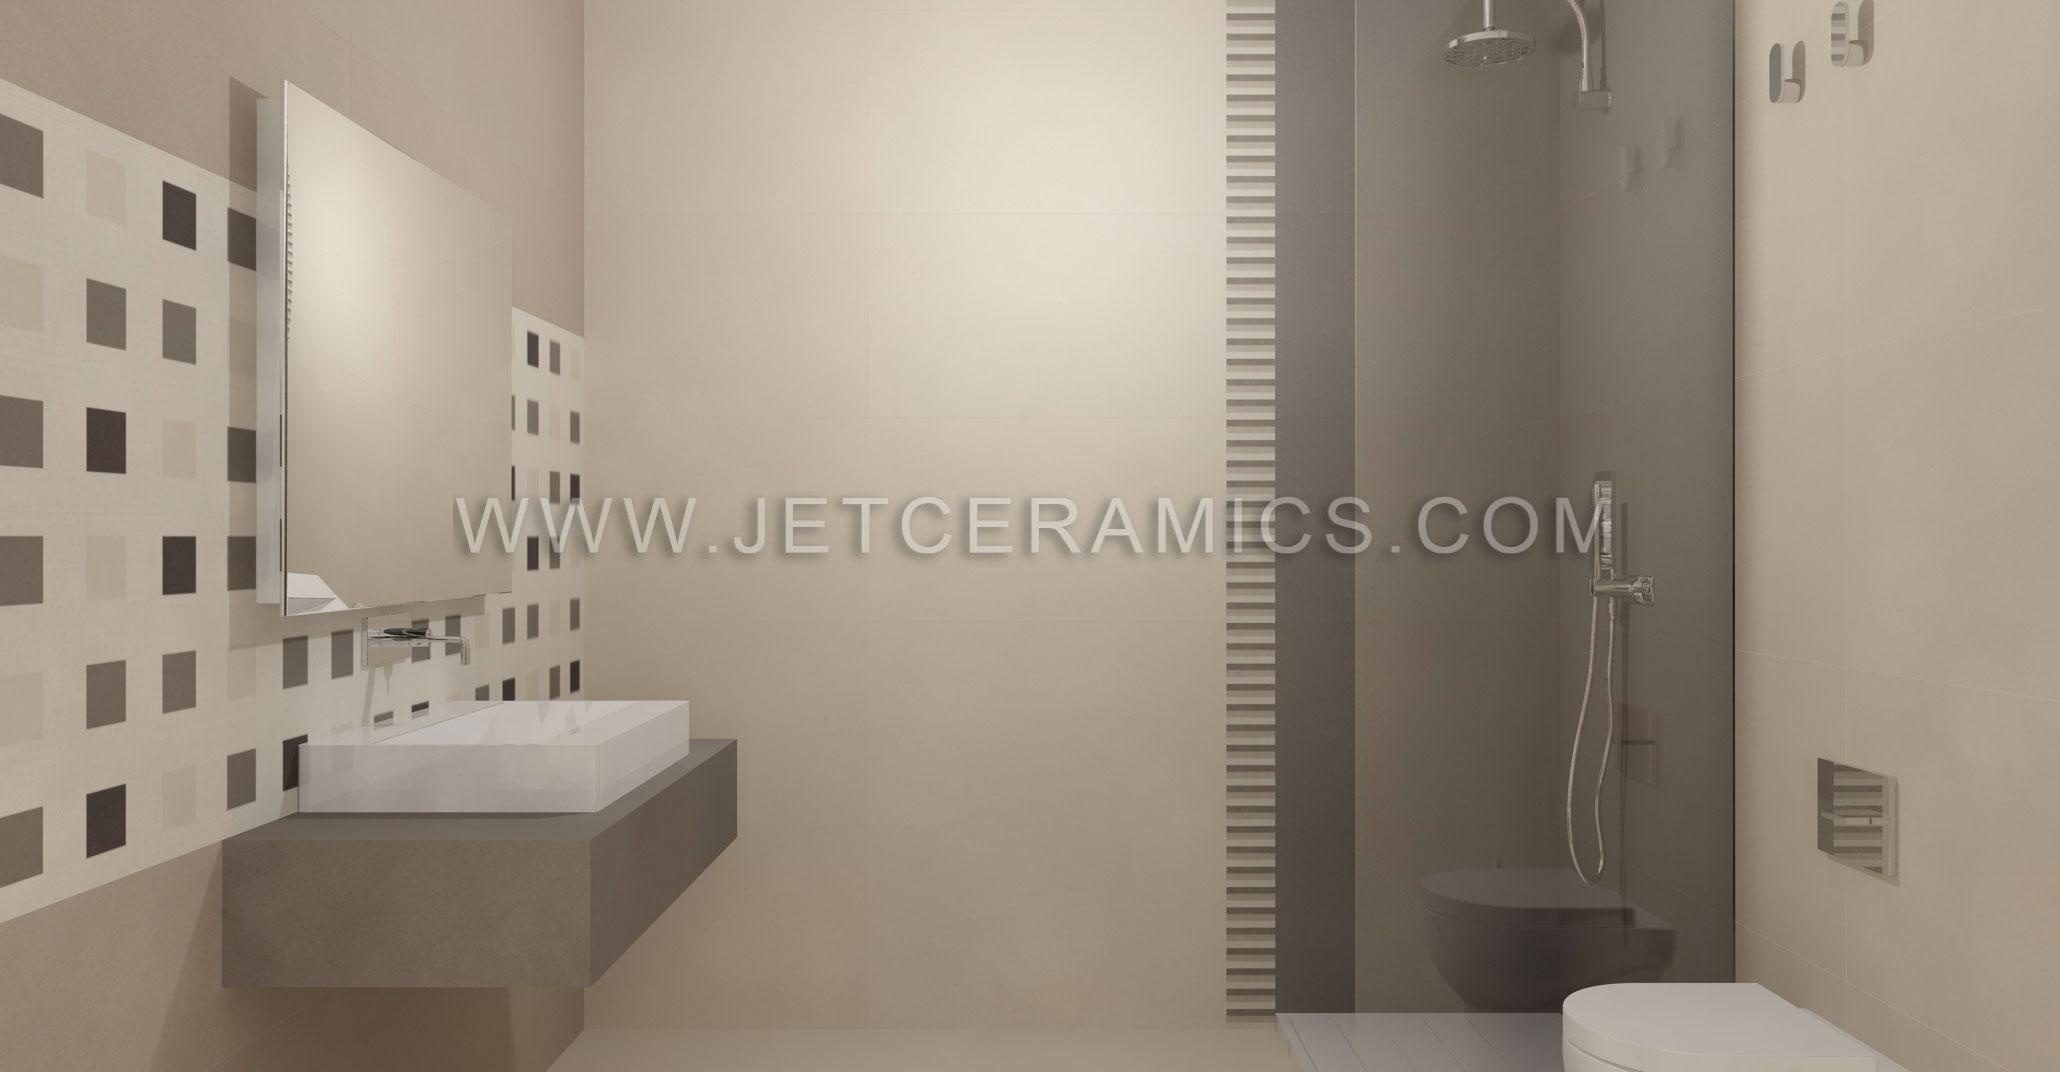 Home | Jet Ceramics Ltd.